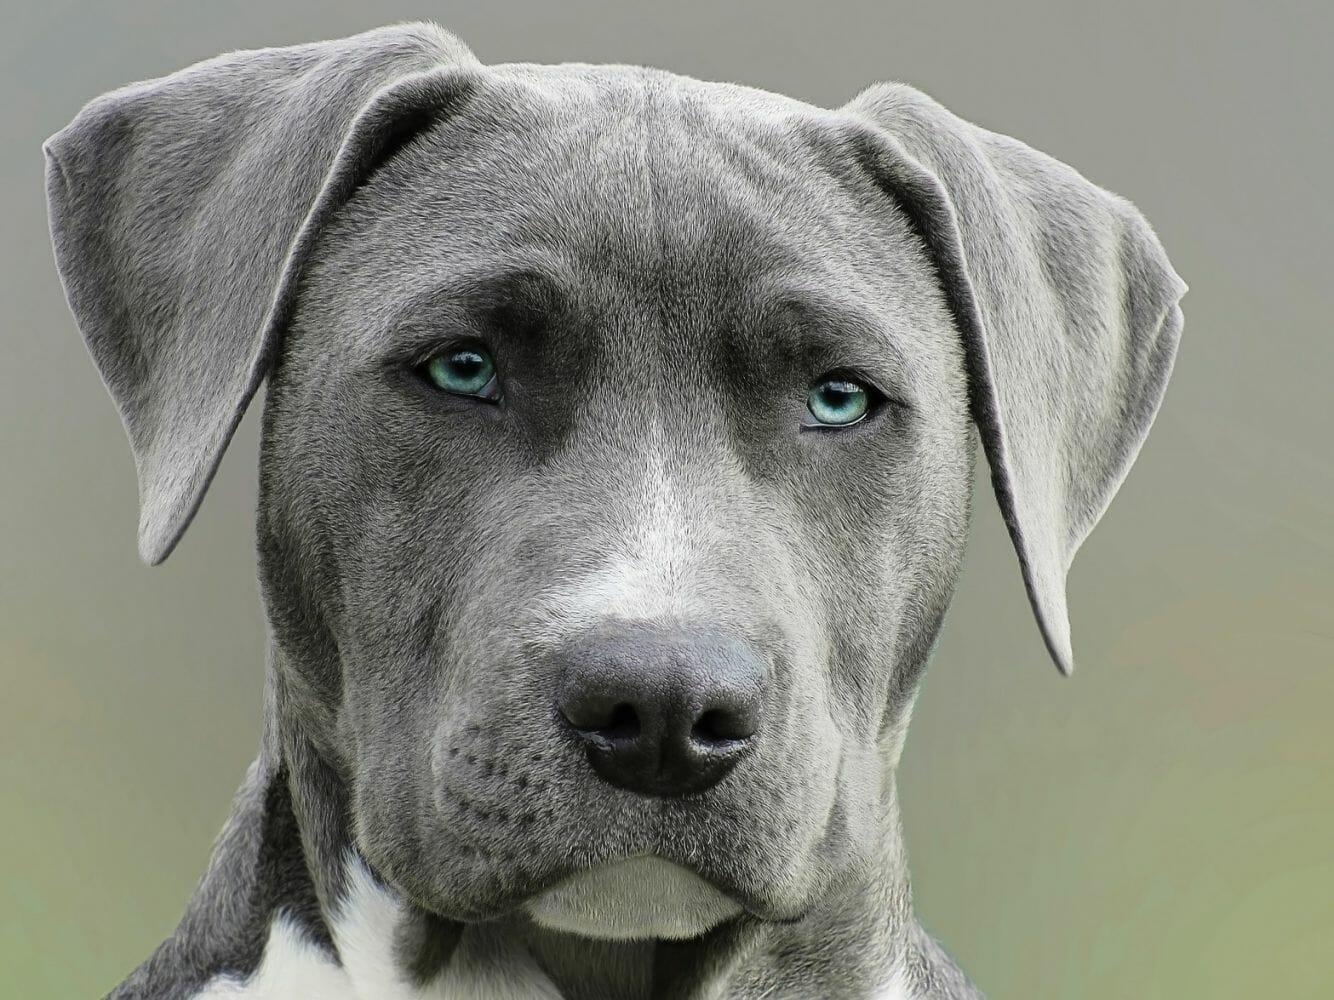 Cachorro olhando fixamente para a câmera